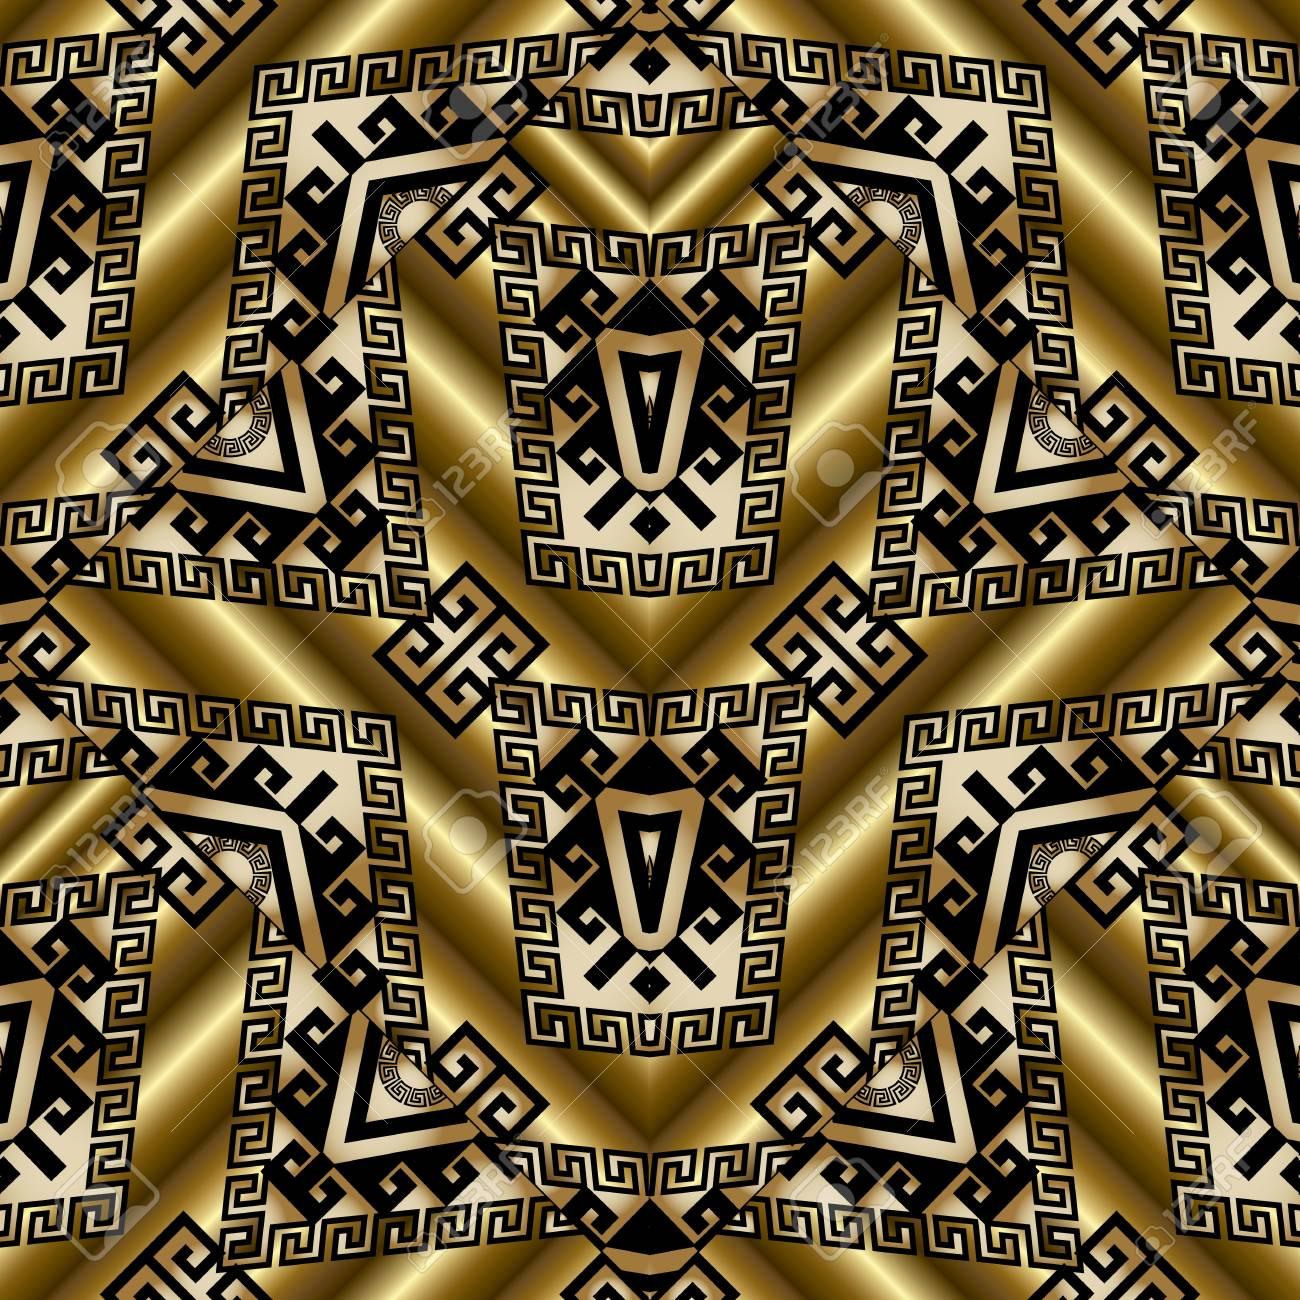 Tribal Gold Seamless Patterns Vector 3d Golden Background Wallpaper